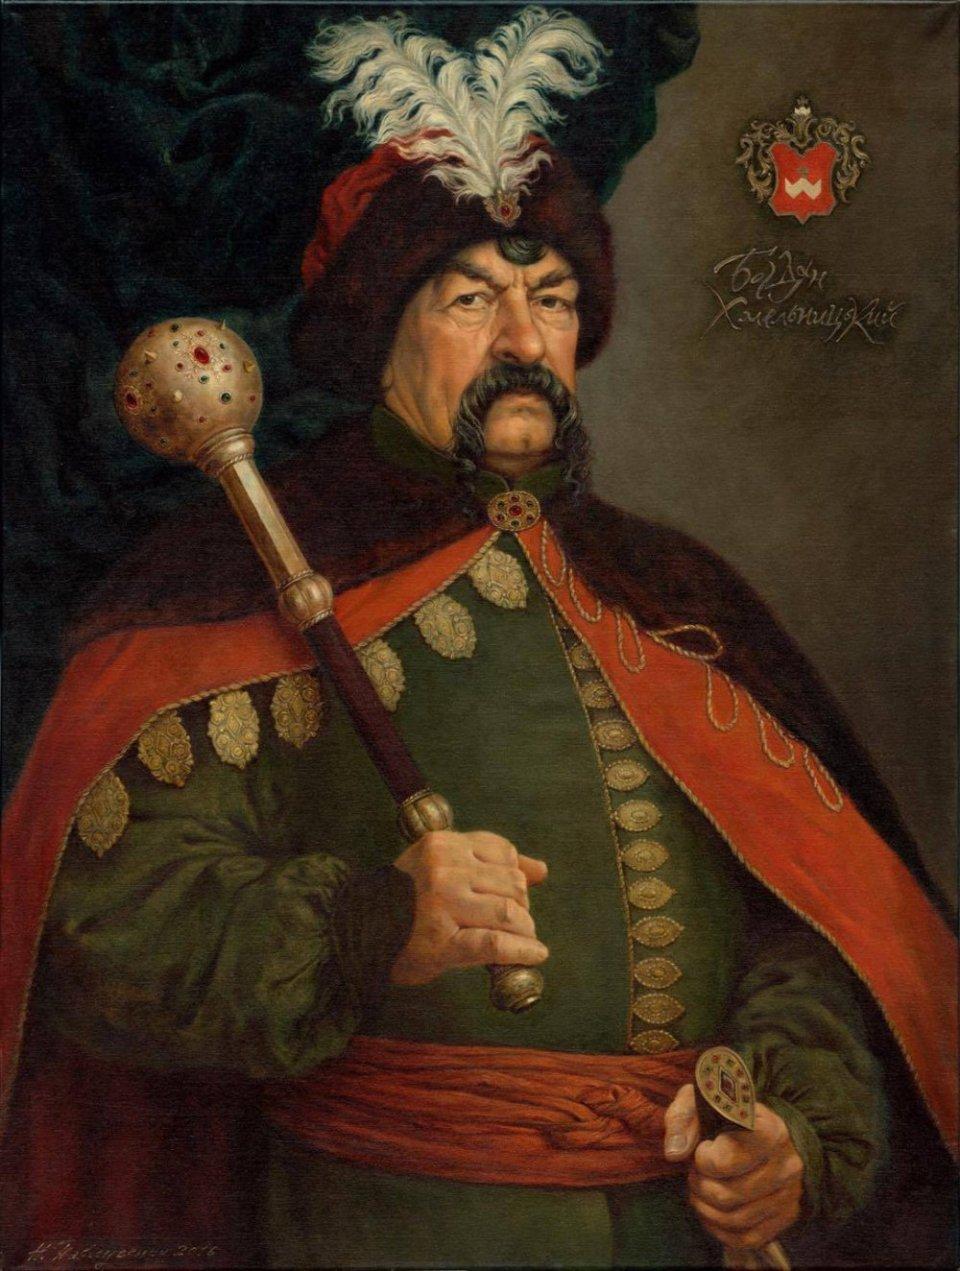 Hetman Bohdan Khmelnytsky